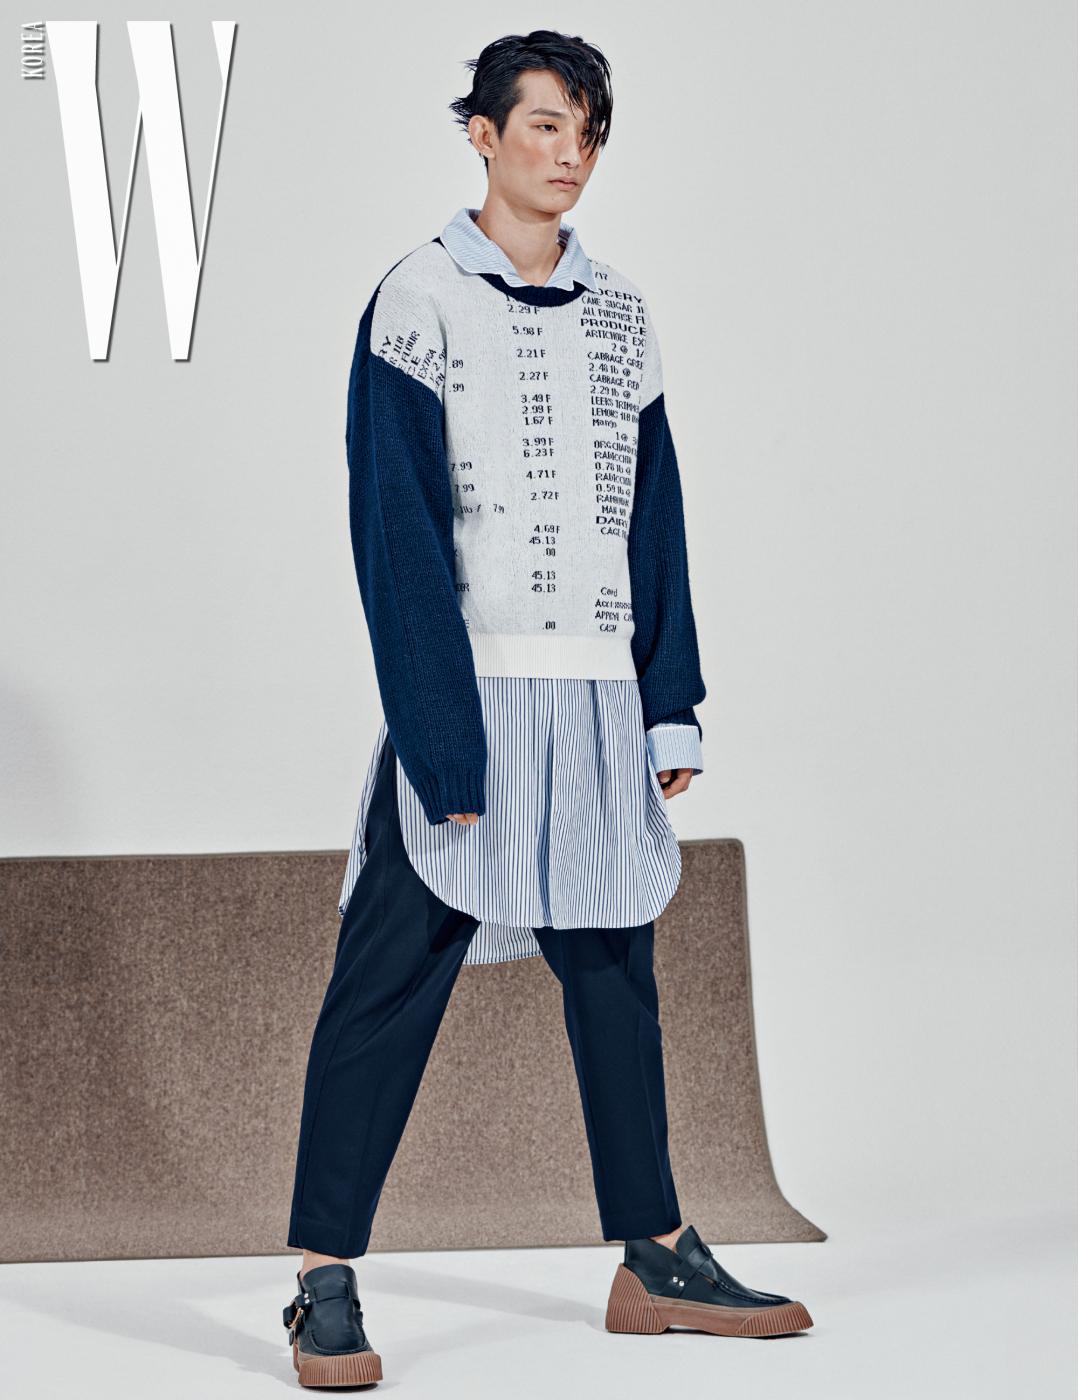 타이포 니트와 줄무늬 셔츠, 핀턱 팬츠, 슈즈는 모두 3.1 Phillip Lim 제품.